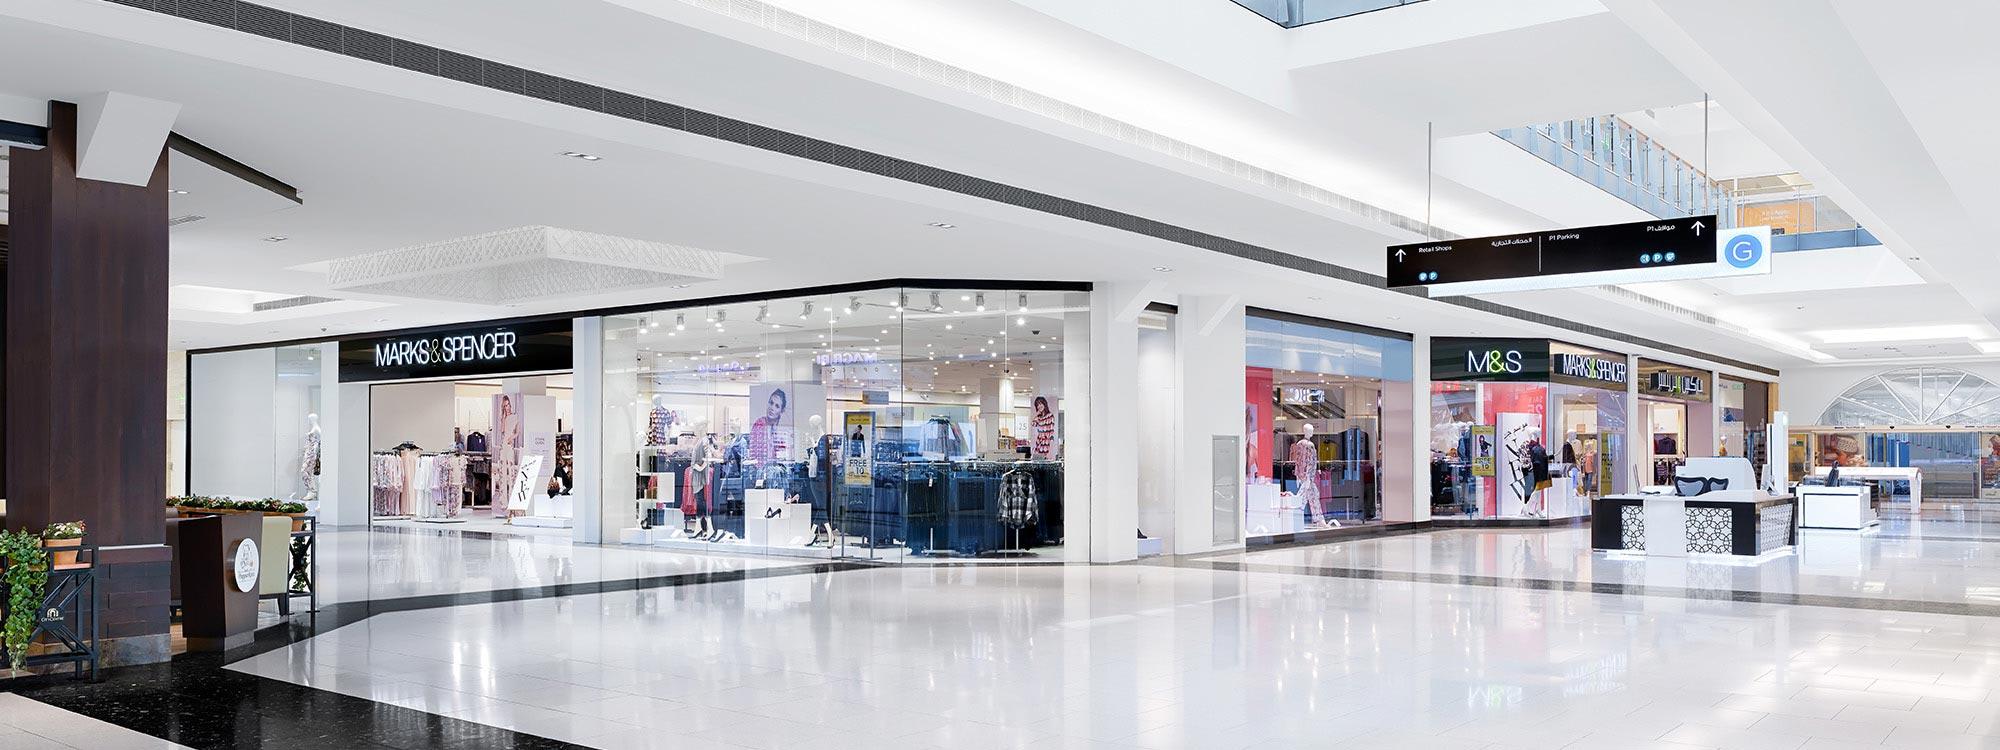 6287d1d2d1cb4 تسوق الملابس، الاثاث، مكياج و الاكسسوارات في مسقط